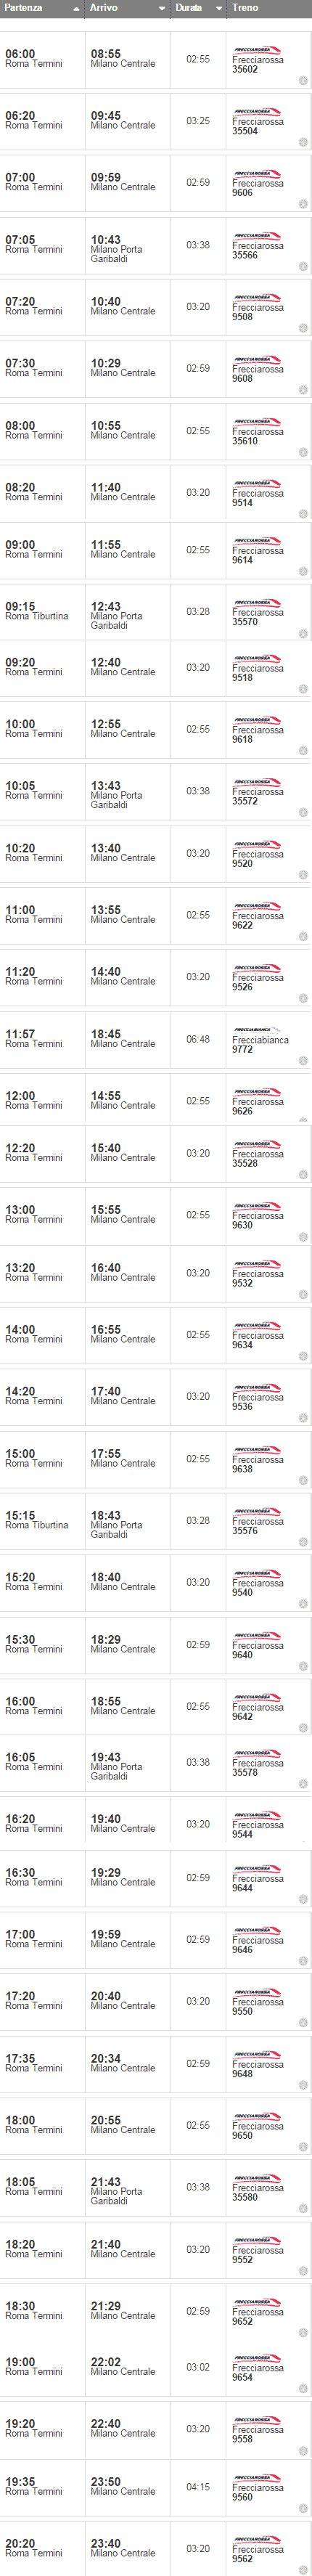 orari italo porta garibaldi treni da a roma orari e prezzi con trenitalia e italo